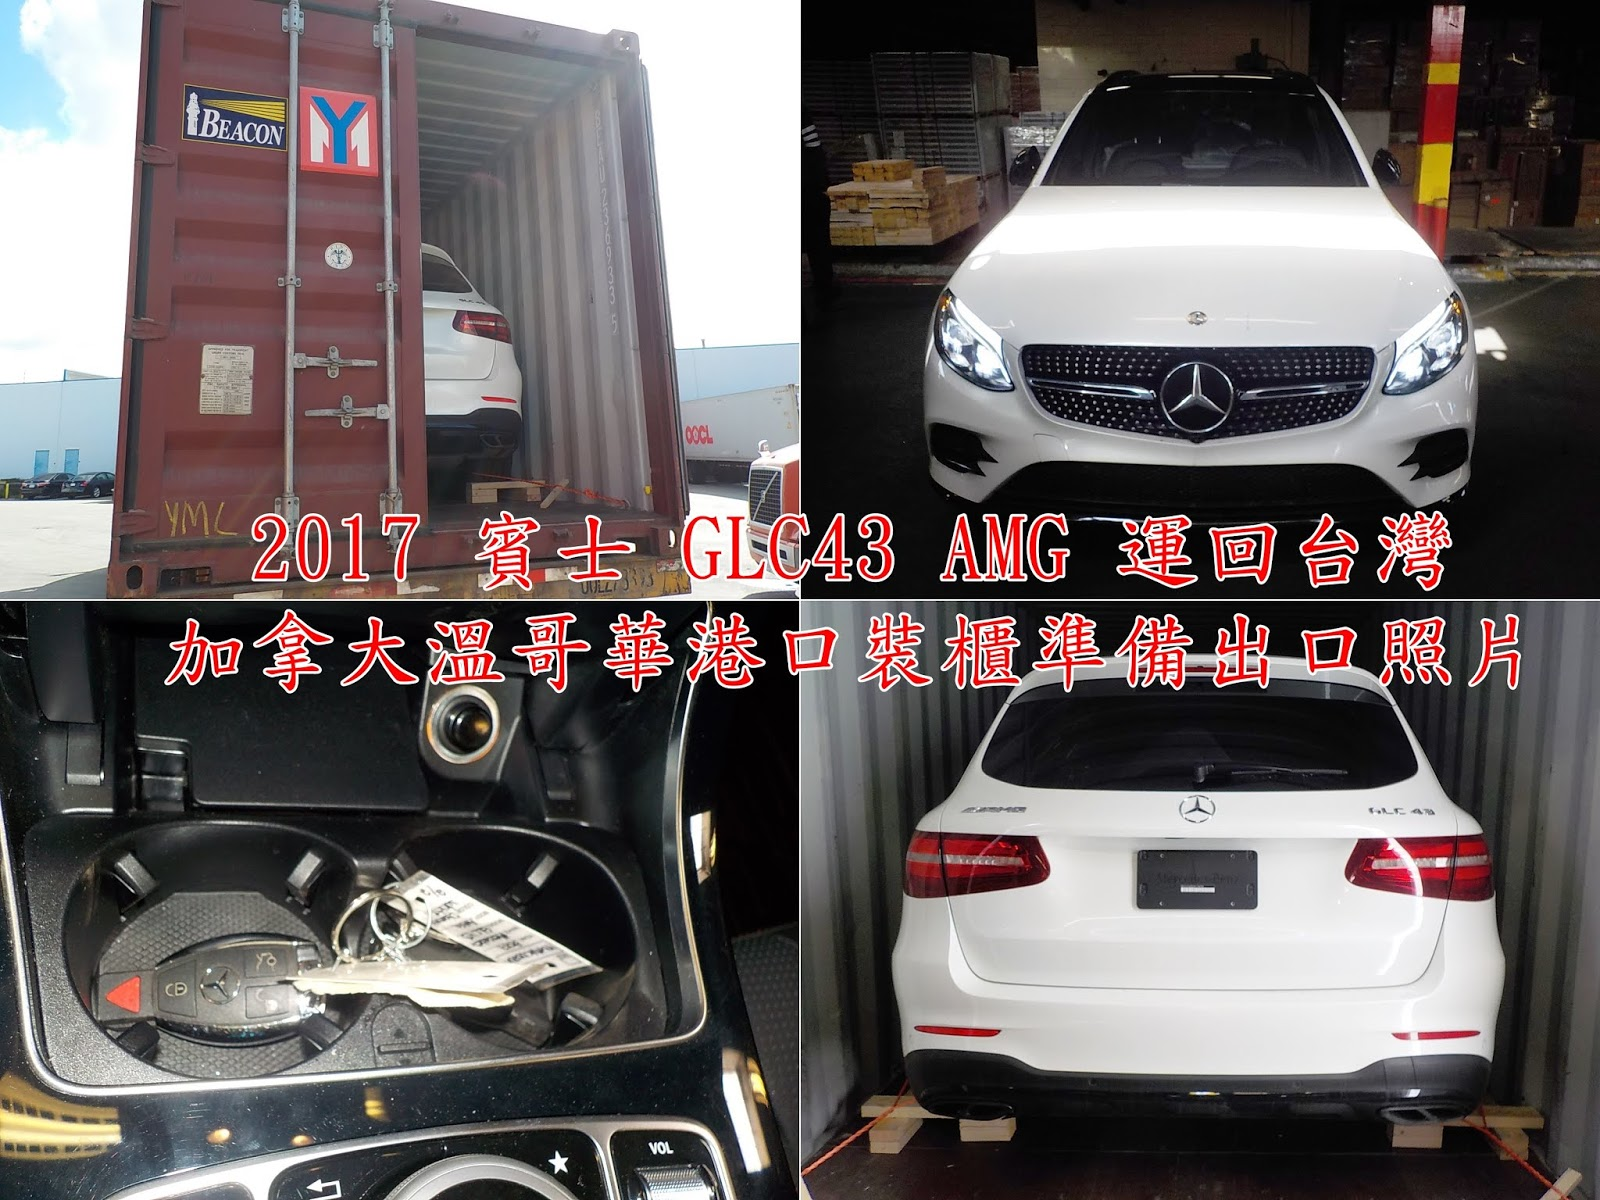 進口汽車知識分享 - www.car2tw.com: 加拿大溫哥華運車回臺灣2017 賓士 GLC43 AMG 海運費用有那些? BENZ S63 AMG 2015 ...